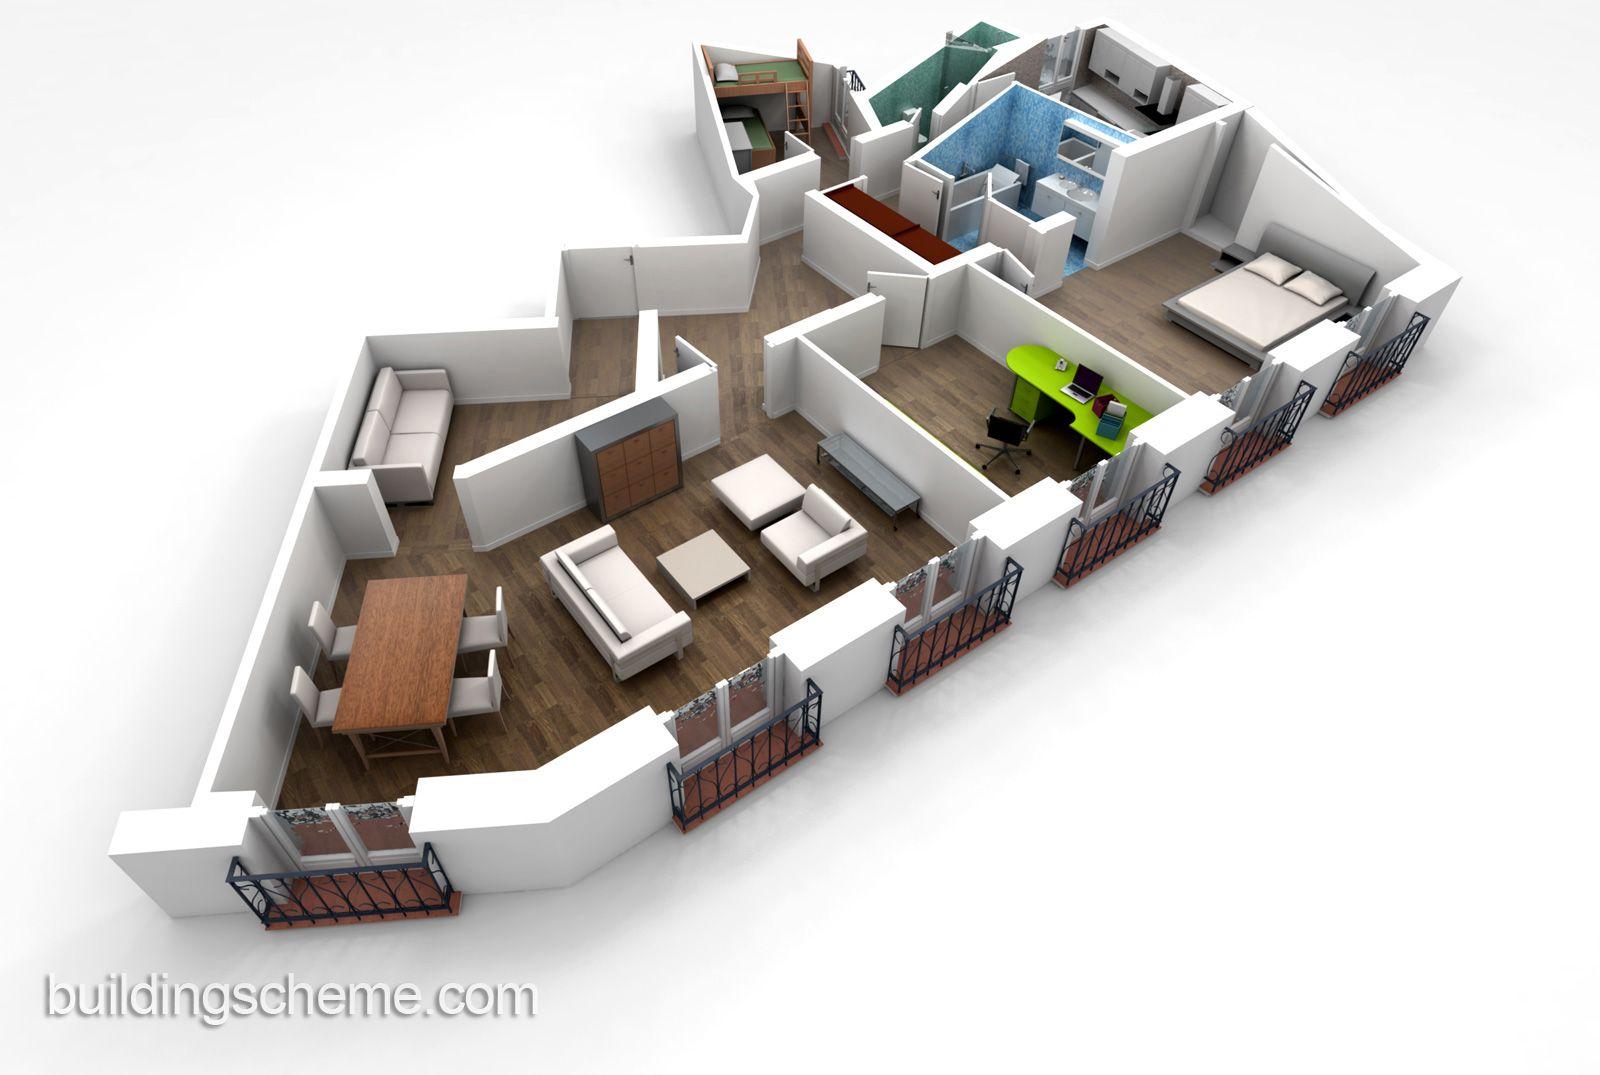 Unique Building Scheme for Home Floor Plans Design Idea with Balcony ...